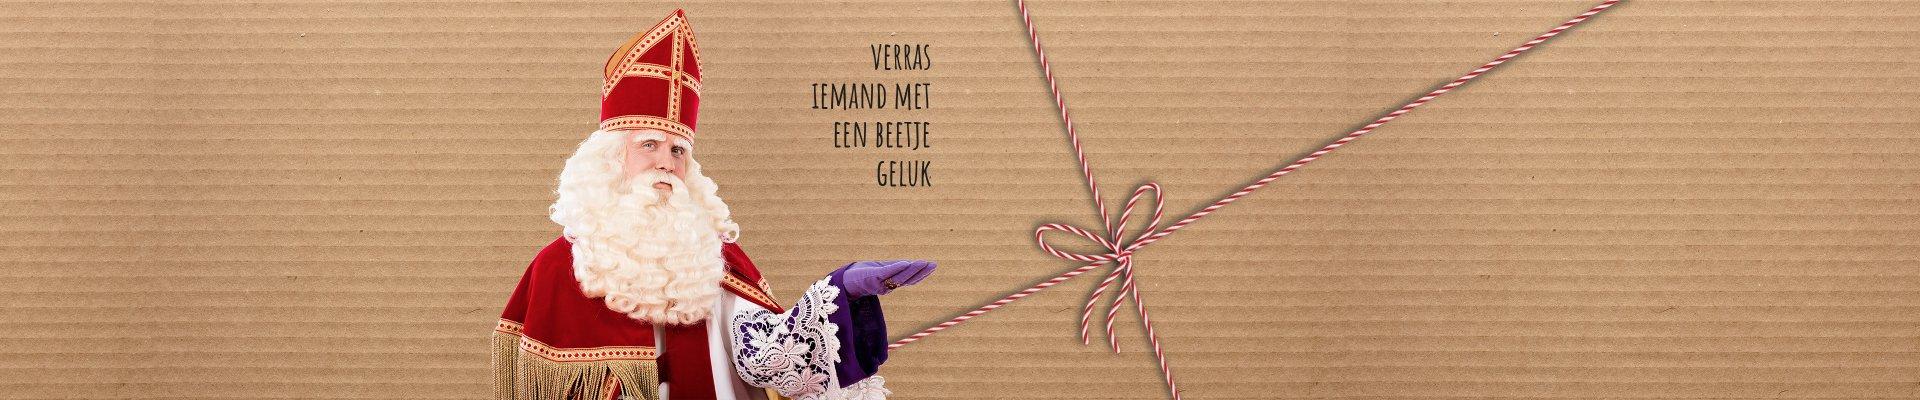 Vacatures - Sinterklaasgeschenken.nl